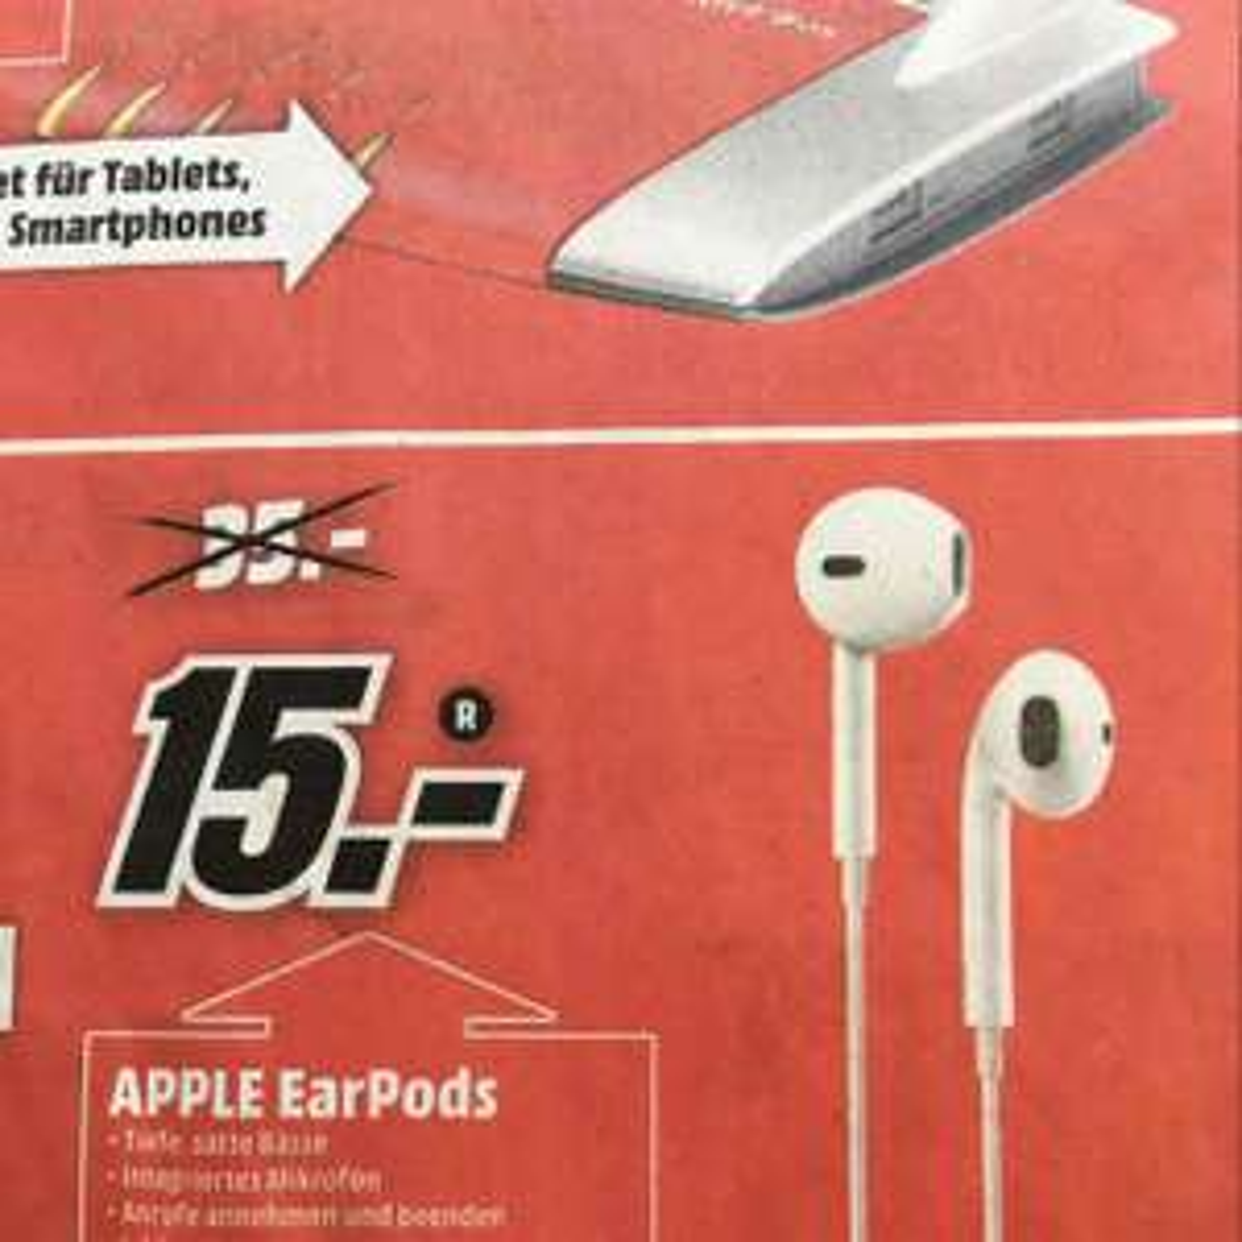 [Offline Lokal MM Cannstatter Carré] Apple EarPods mit 3,5 mm Kopfhörerstecker